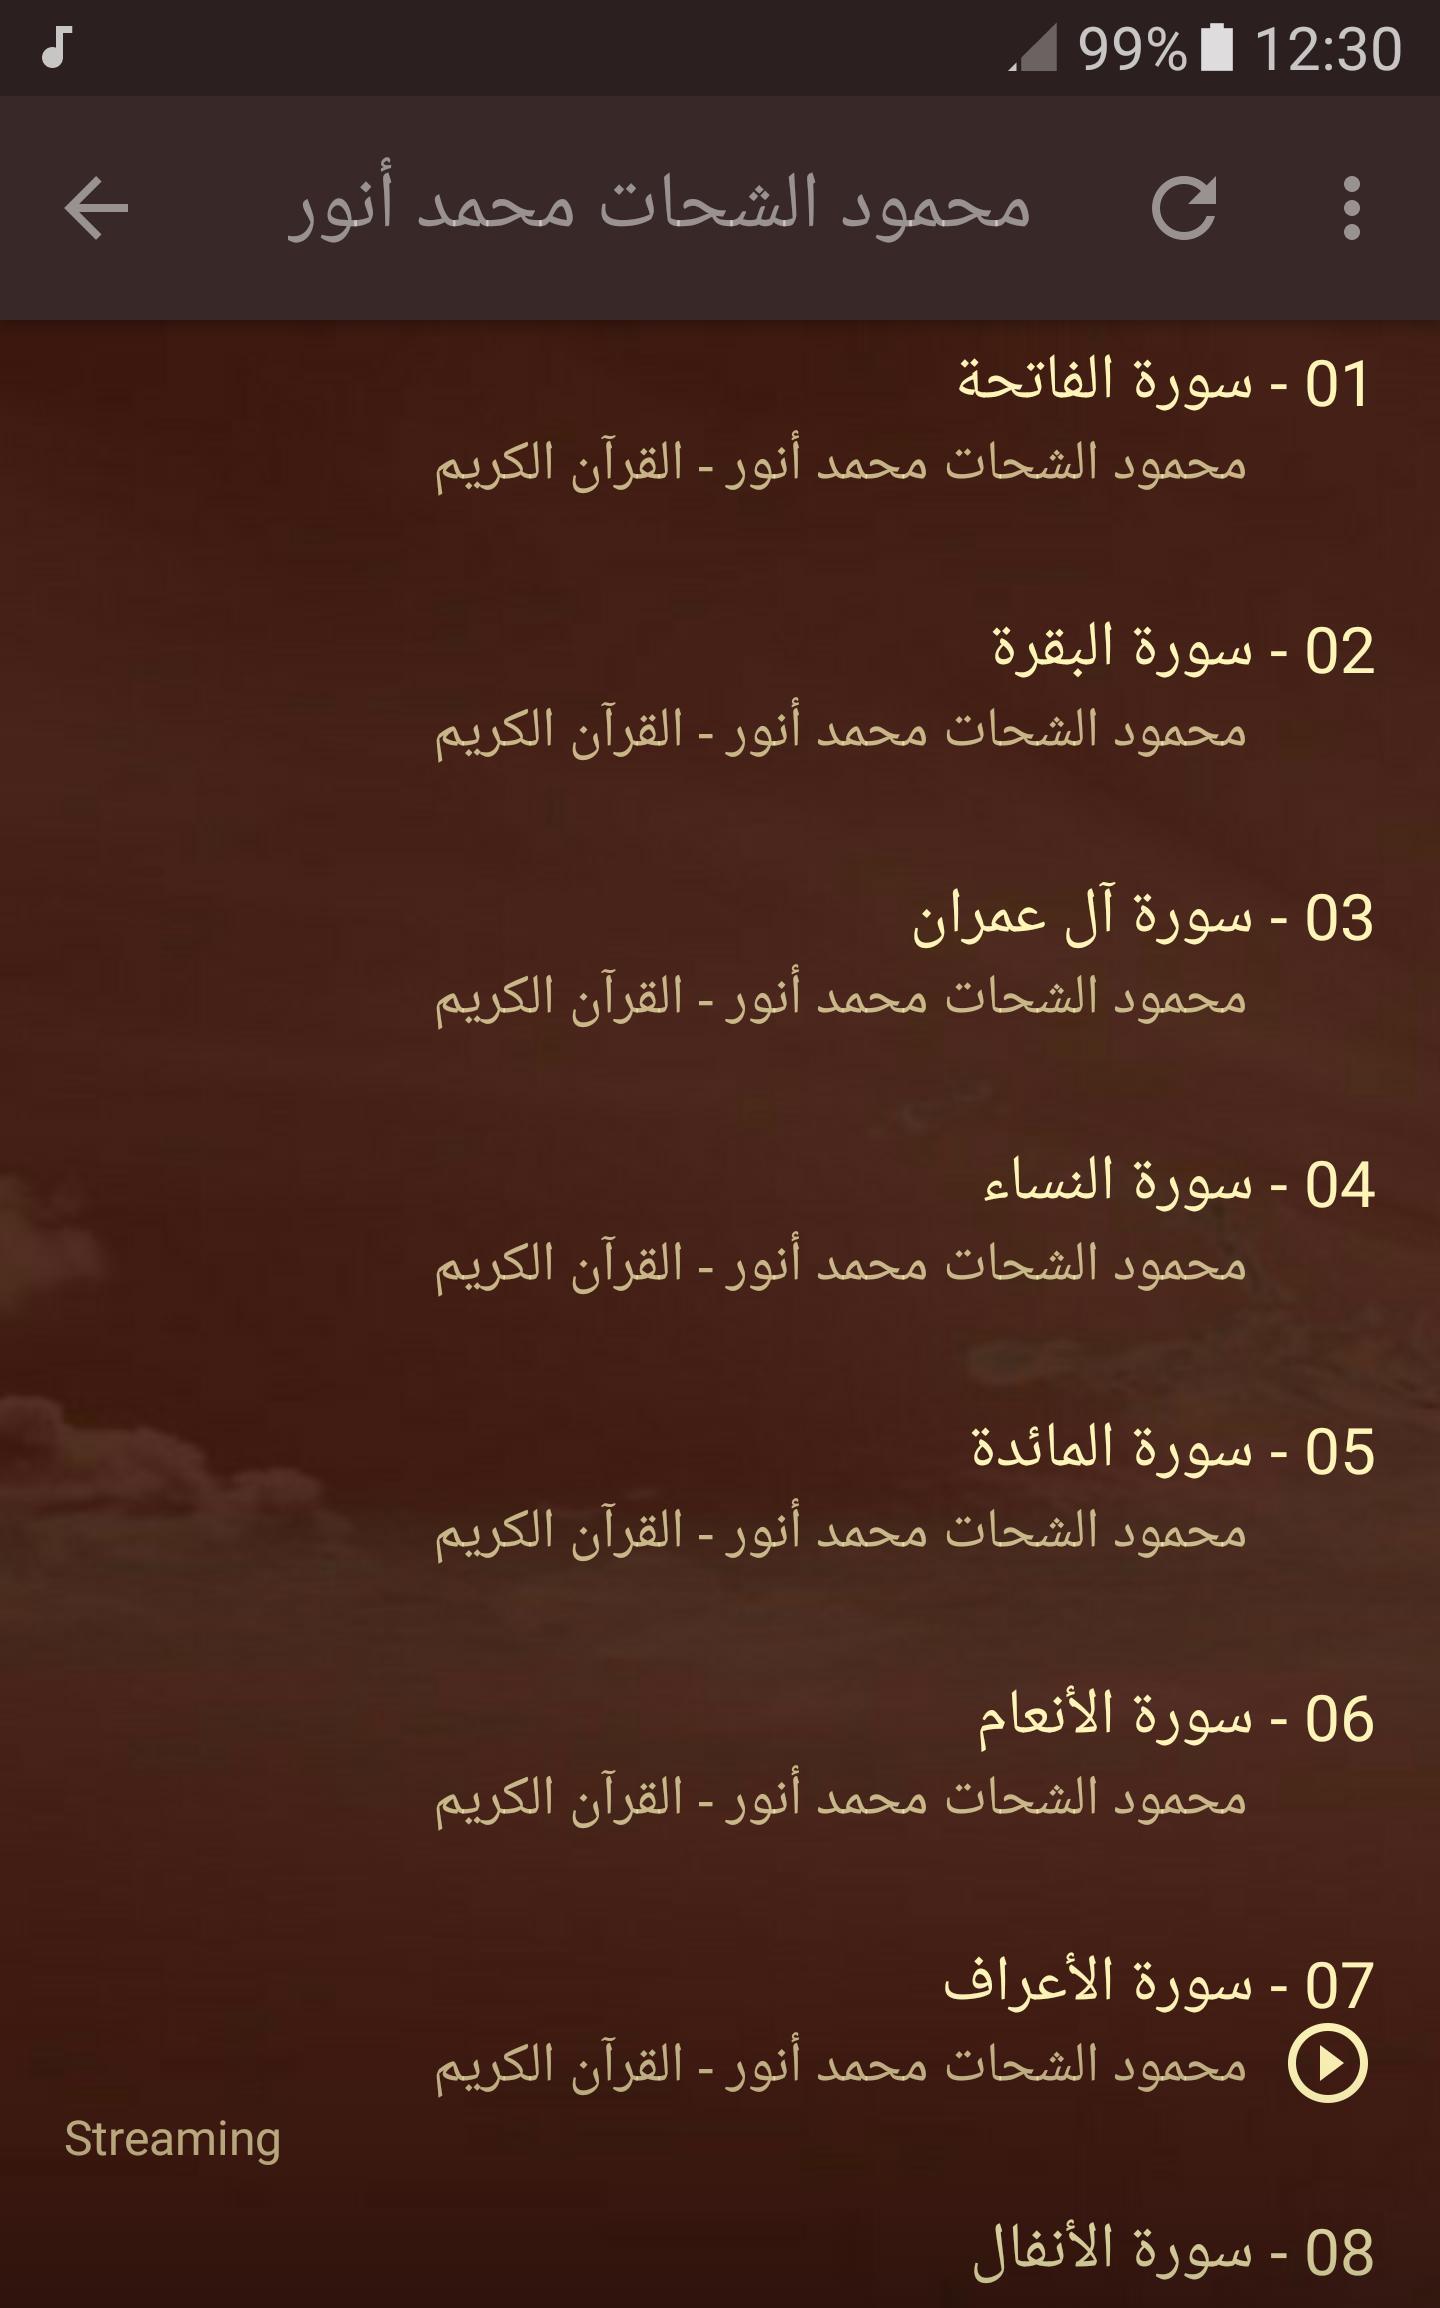 تحميل تلاوات الشيخ محمود الشحات انور mp3